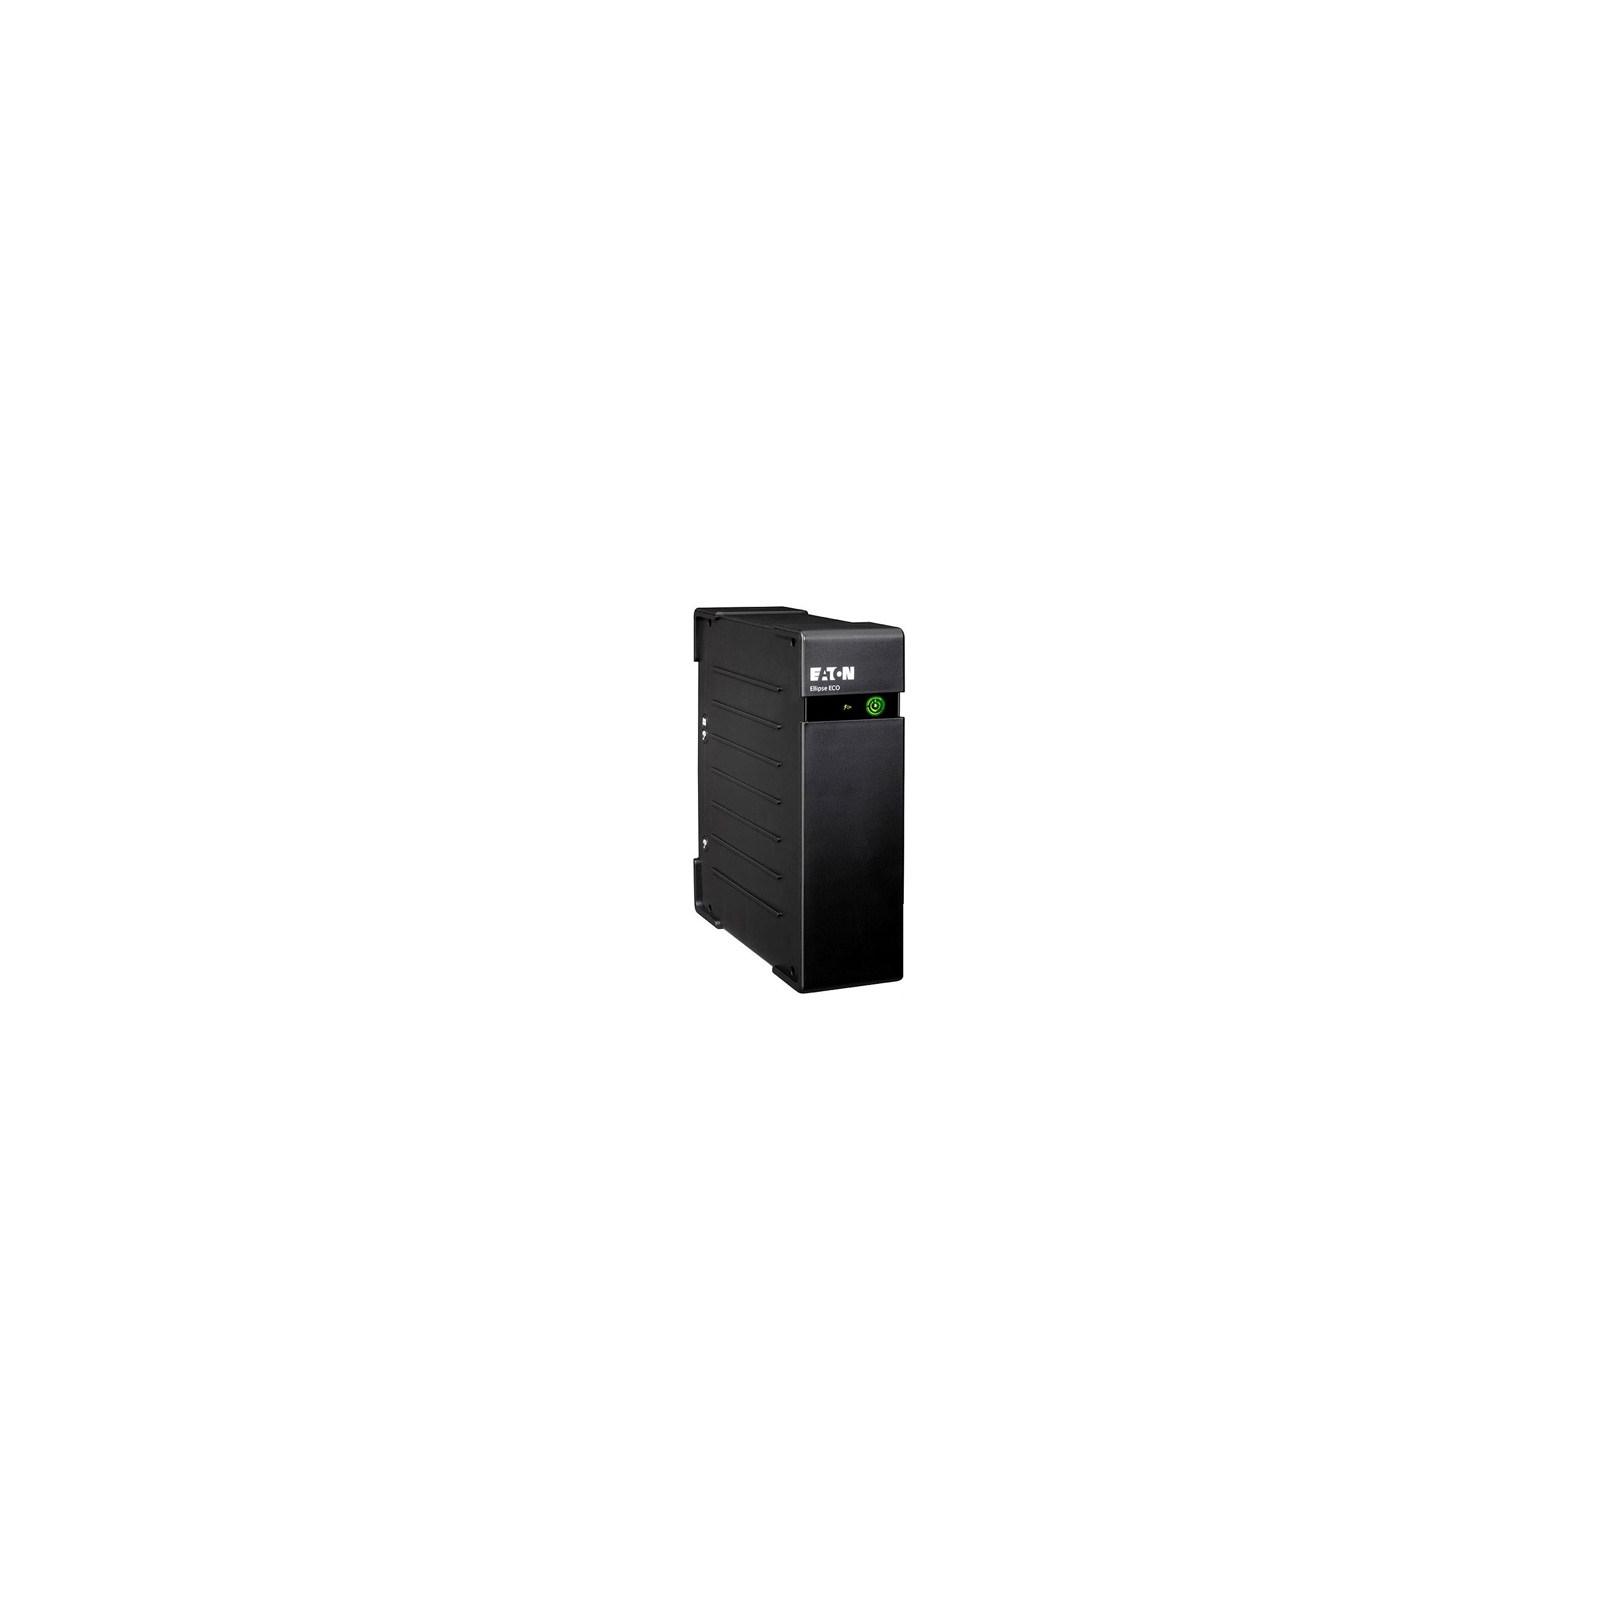 Источник бесперебойного питания Eaton Ellipse ECO 650VA, DIN (EL650USBDIN)